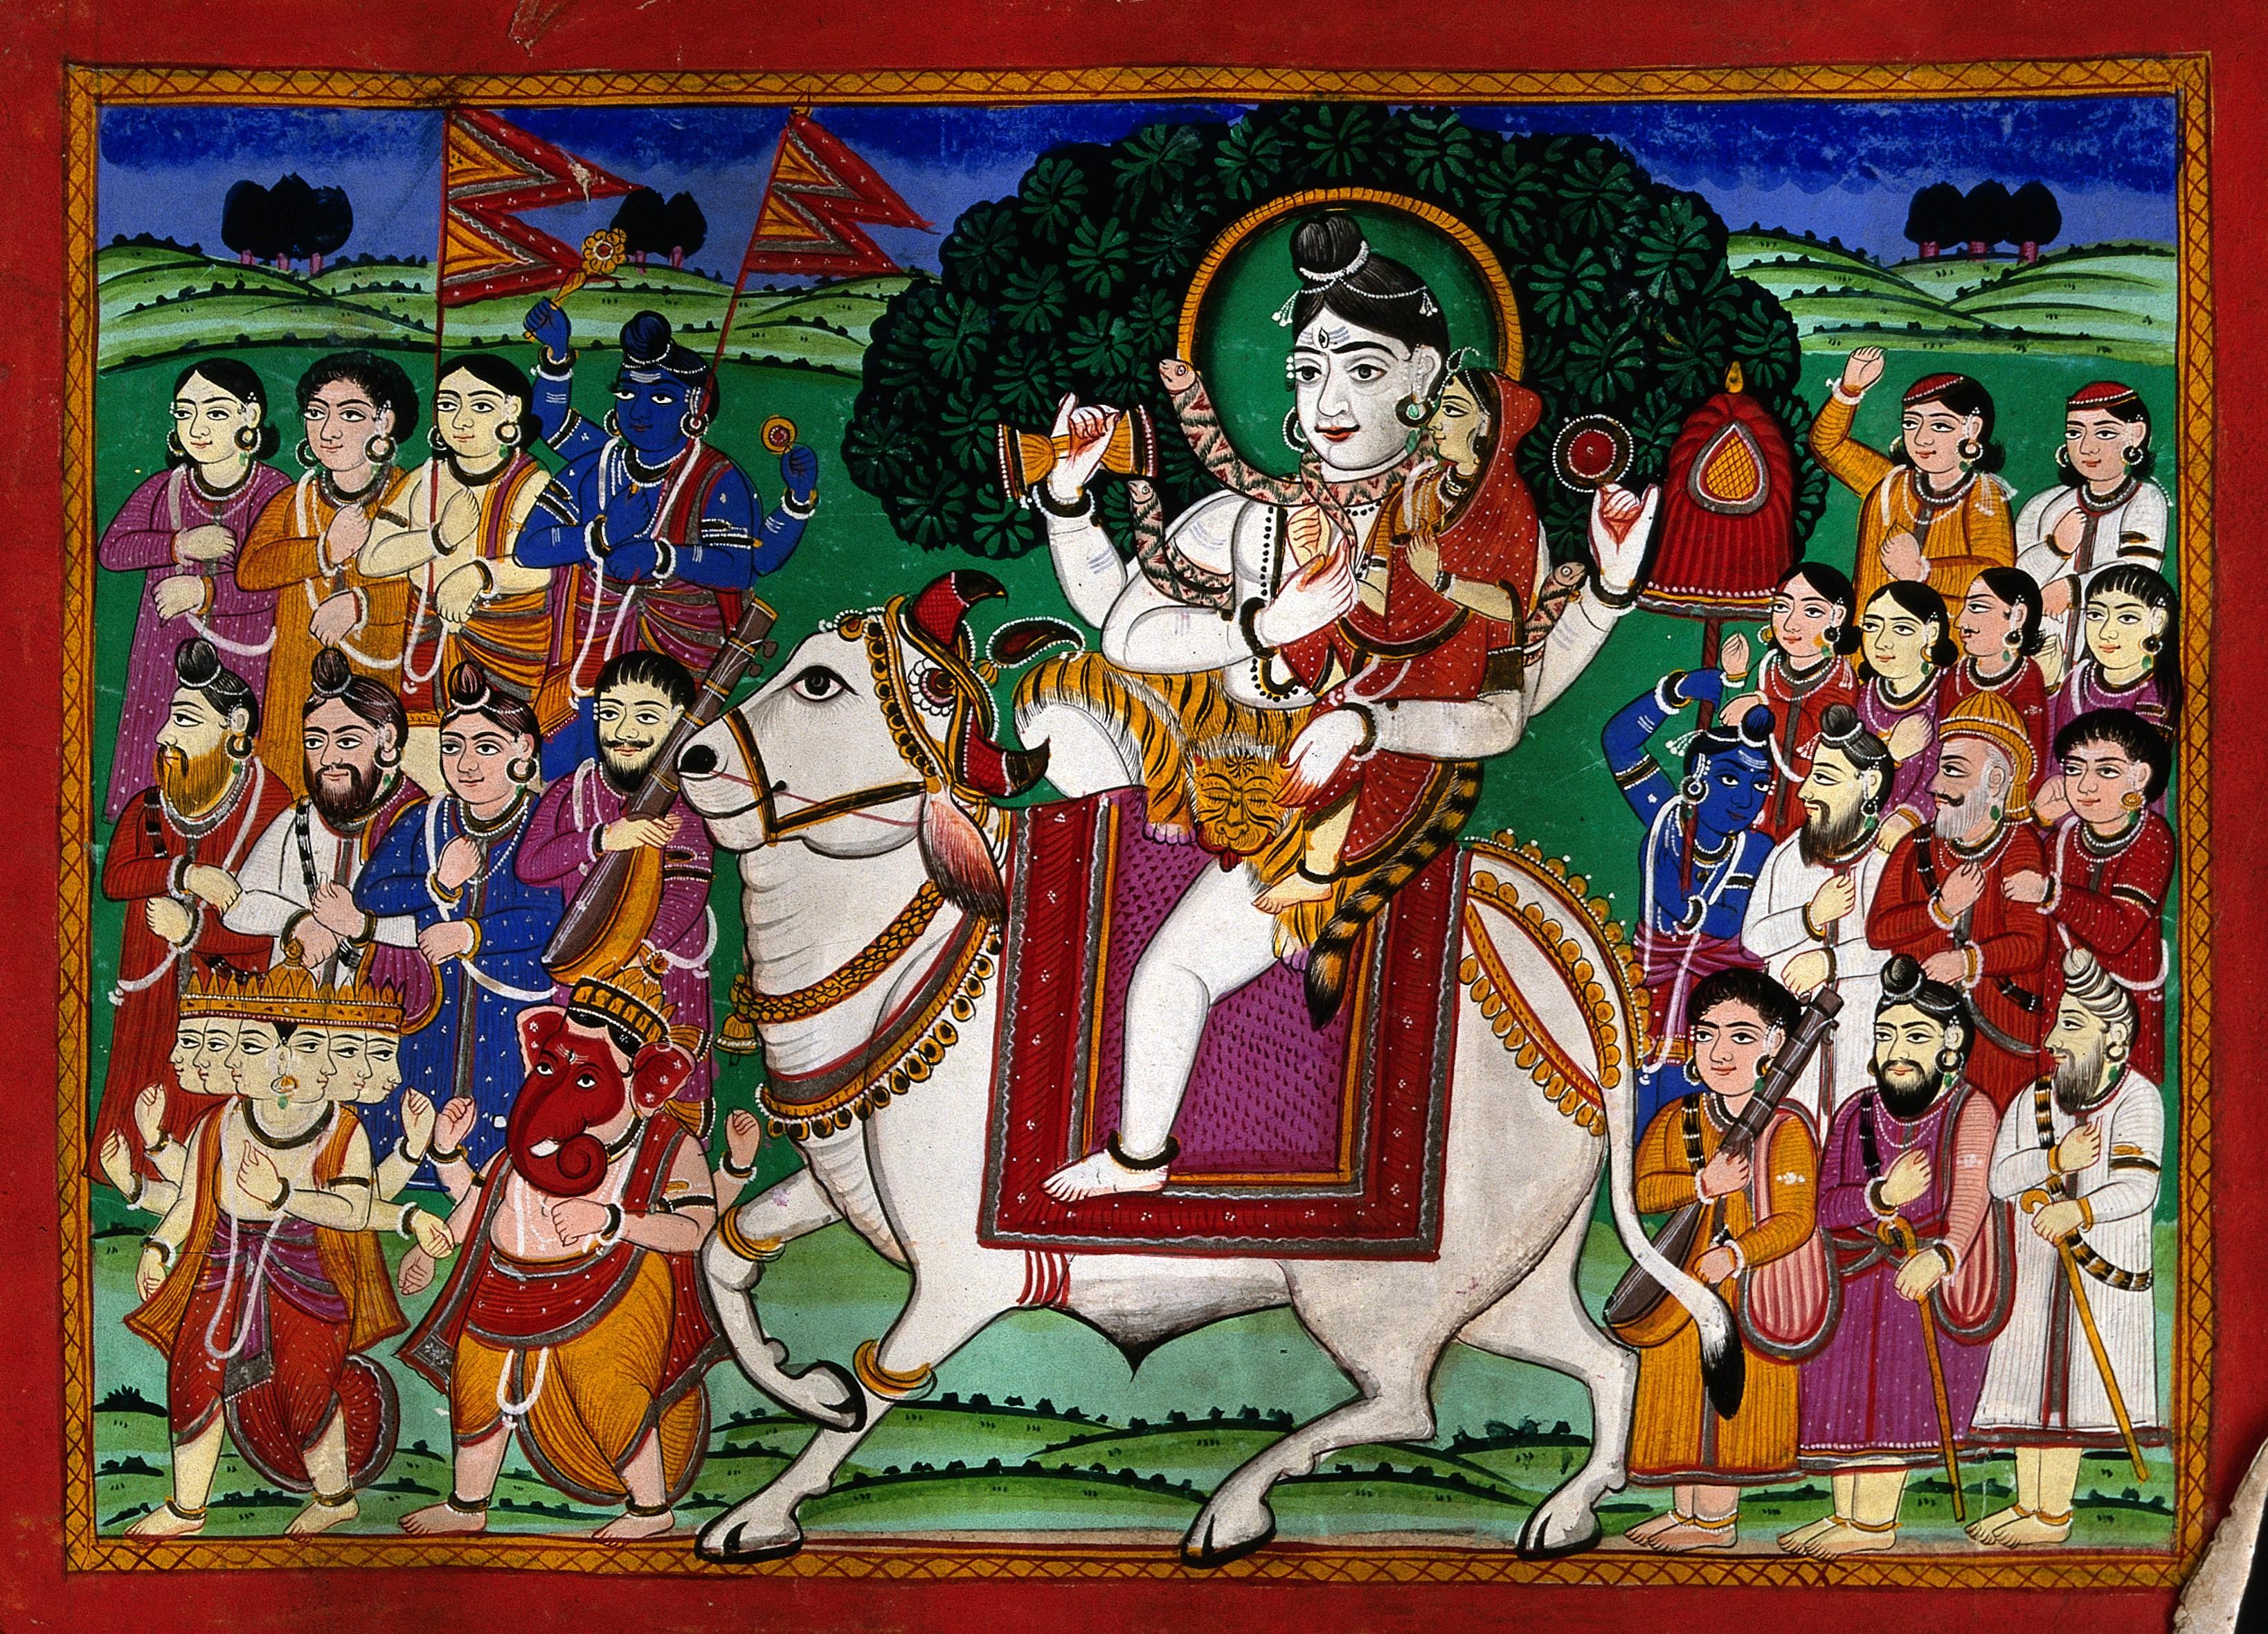 hindu singles in los indios El sitio virtual de la cultura india e hindu de espaÑa bienvenido al mundo hindu y a la magia de la india  dependiendo de los lugares en los que se use el tilak.